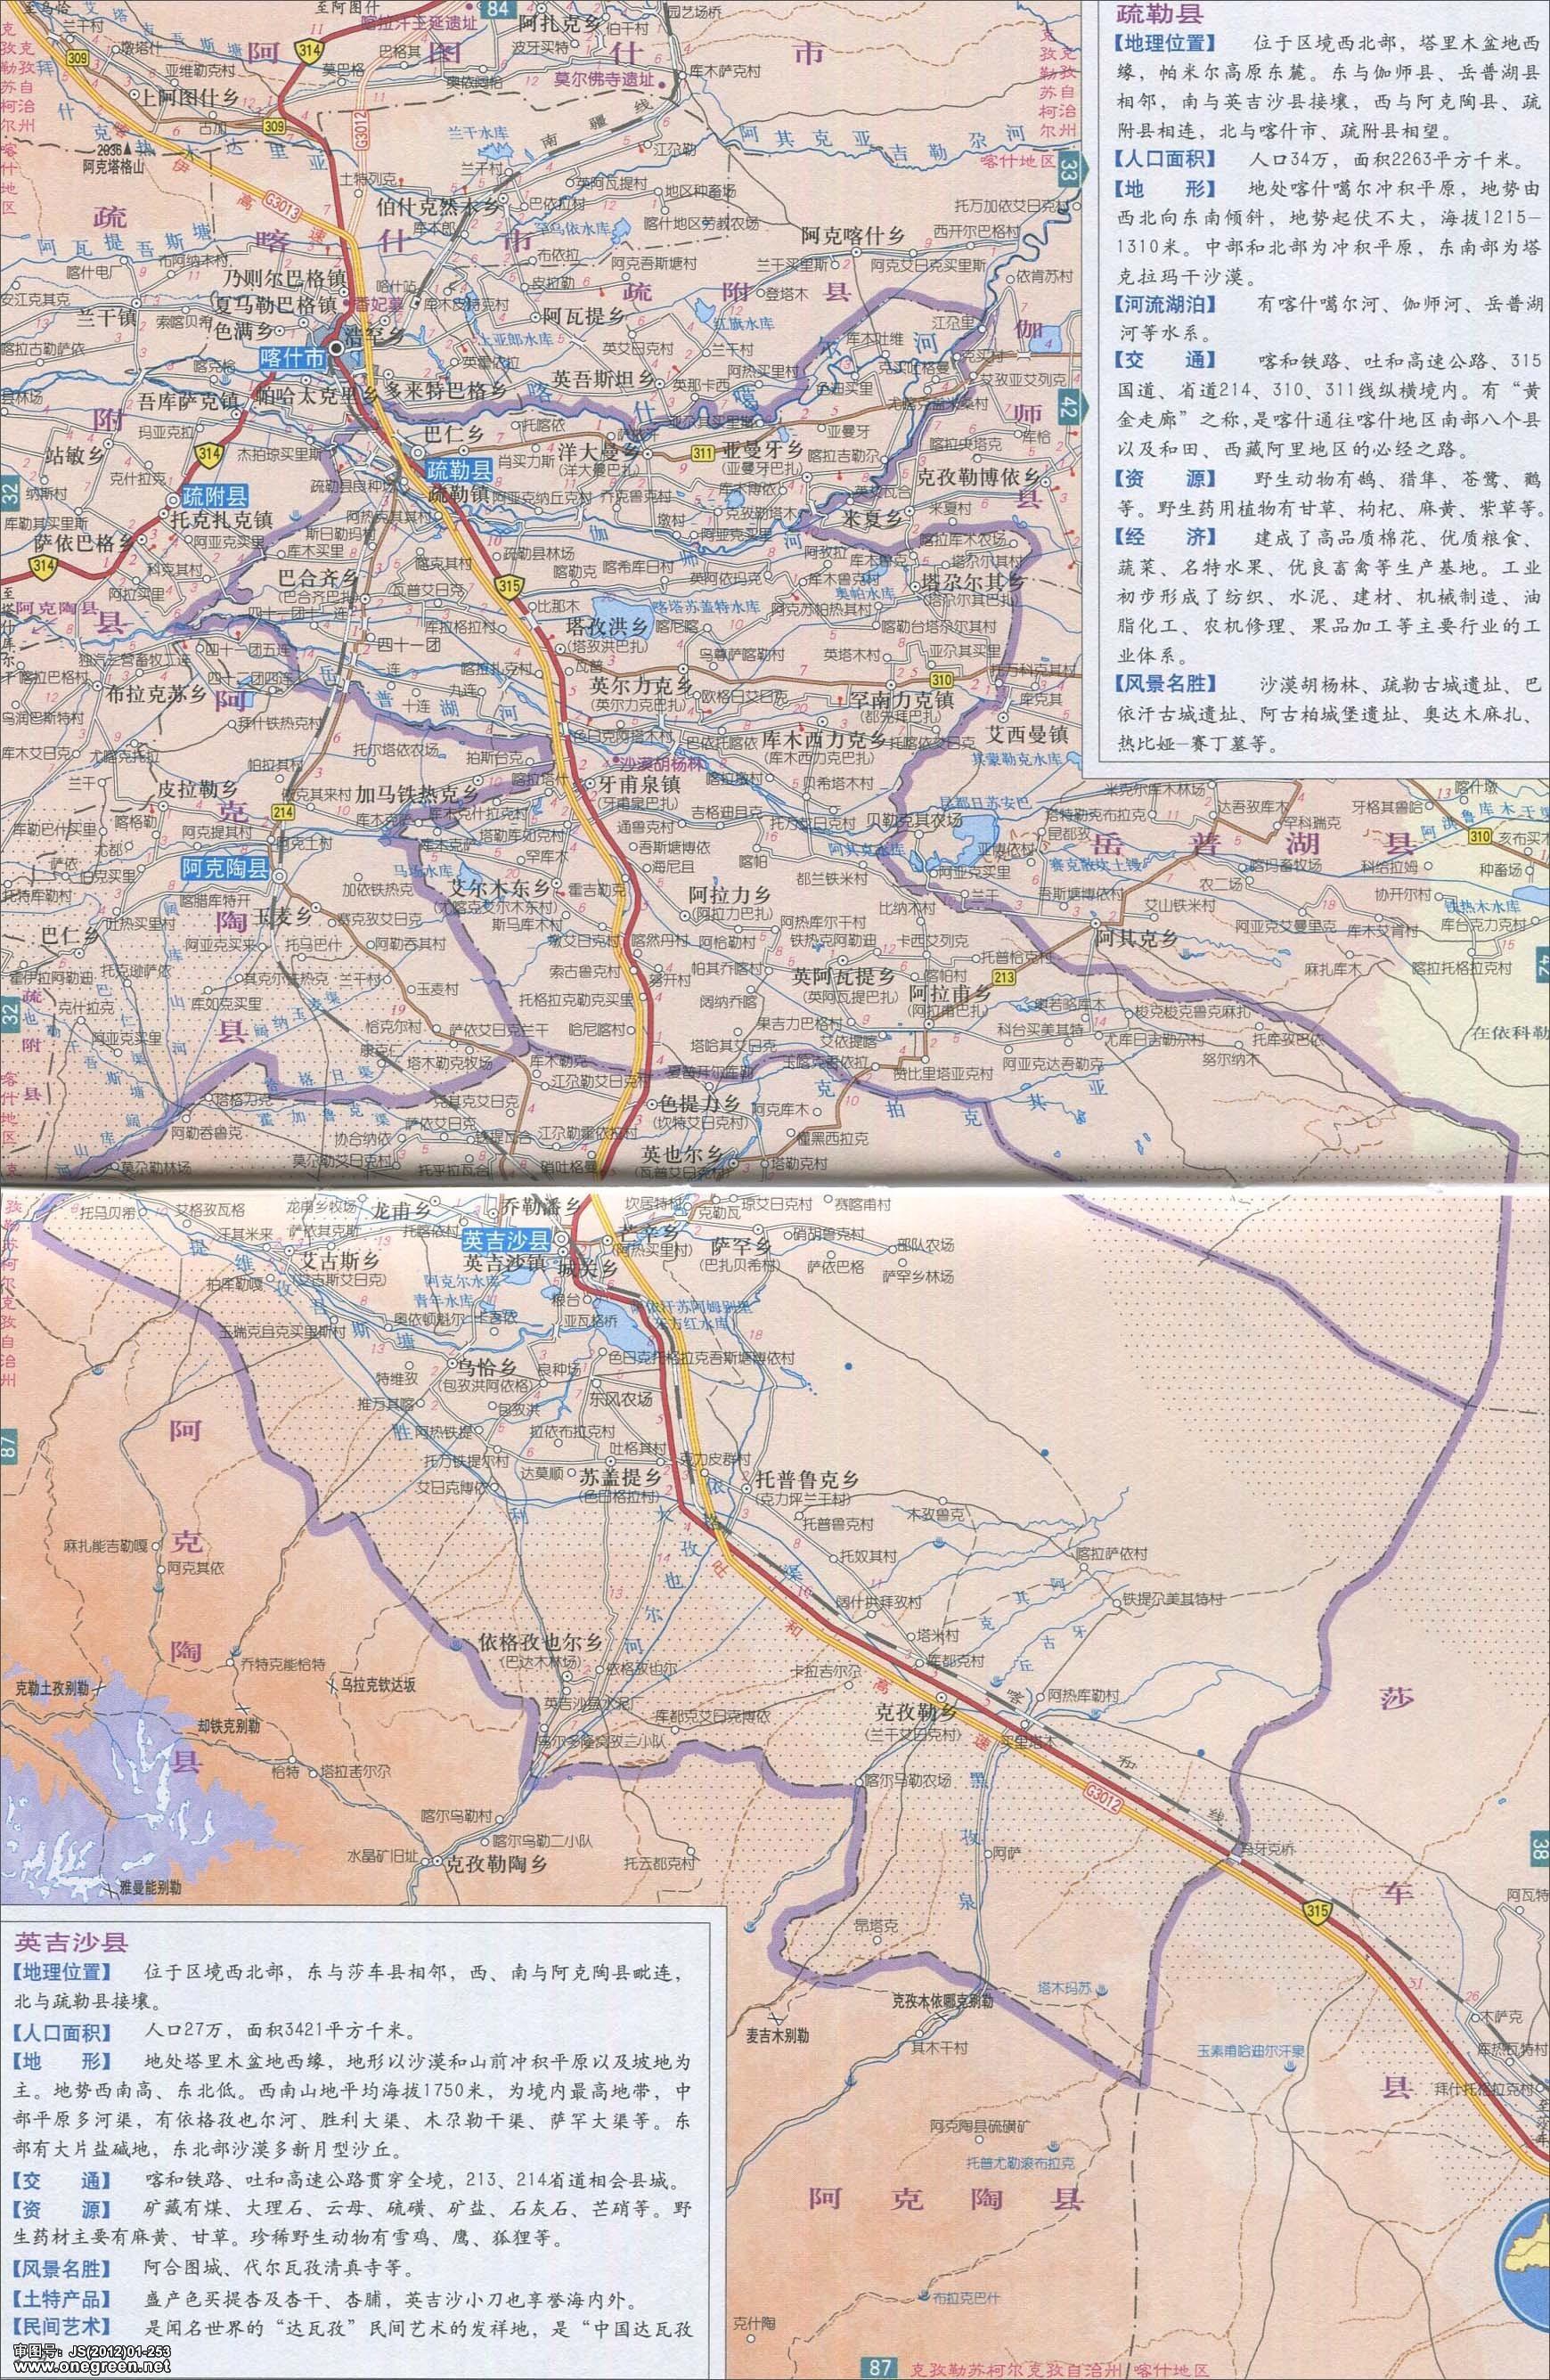 分类: 喀什 上一张地图: 莎车县泽普县地图  | 喀什 |  下一张地图图片